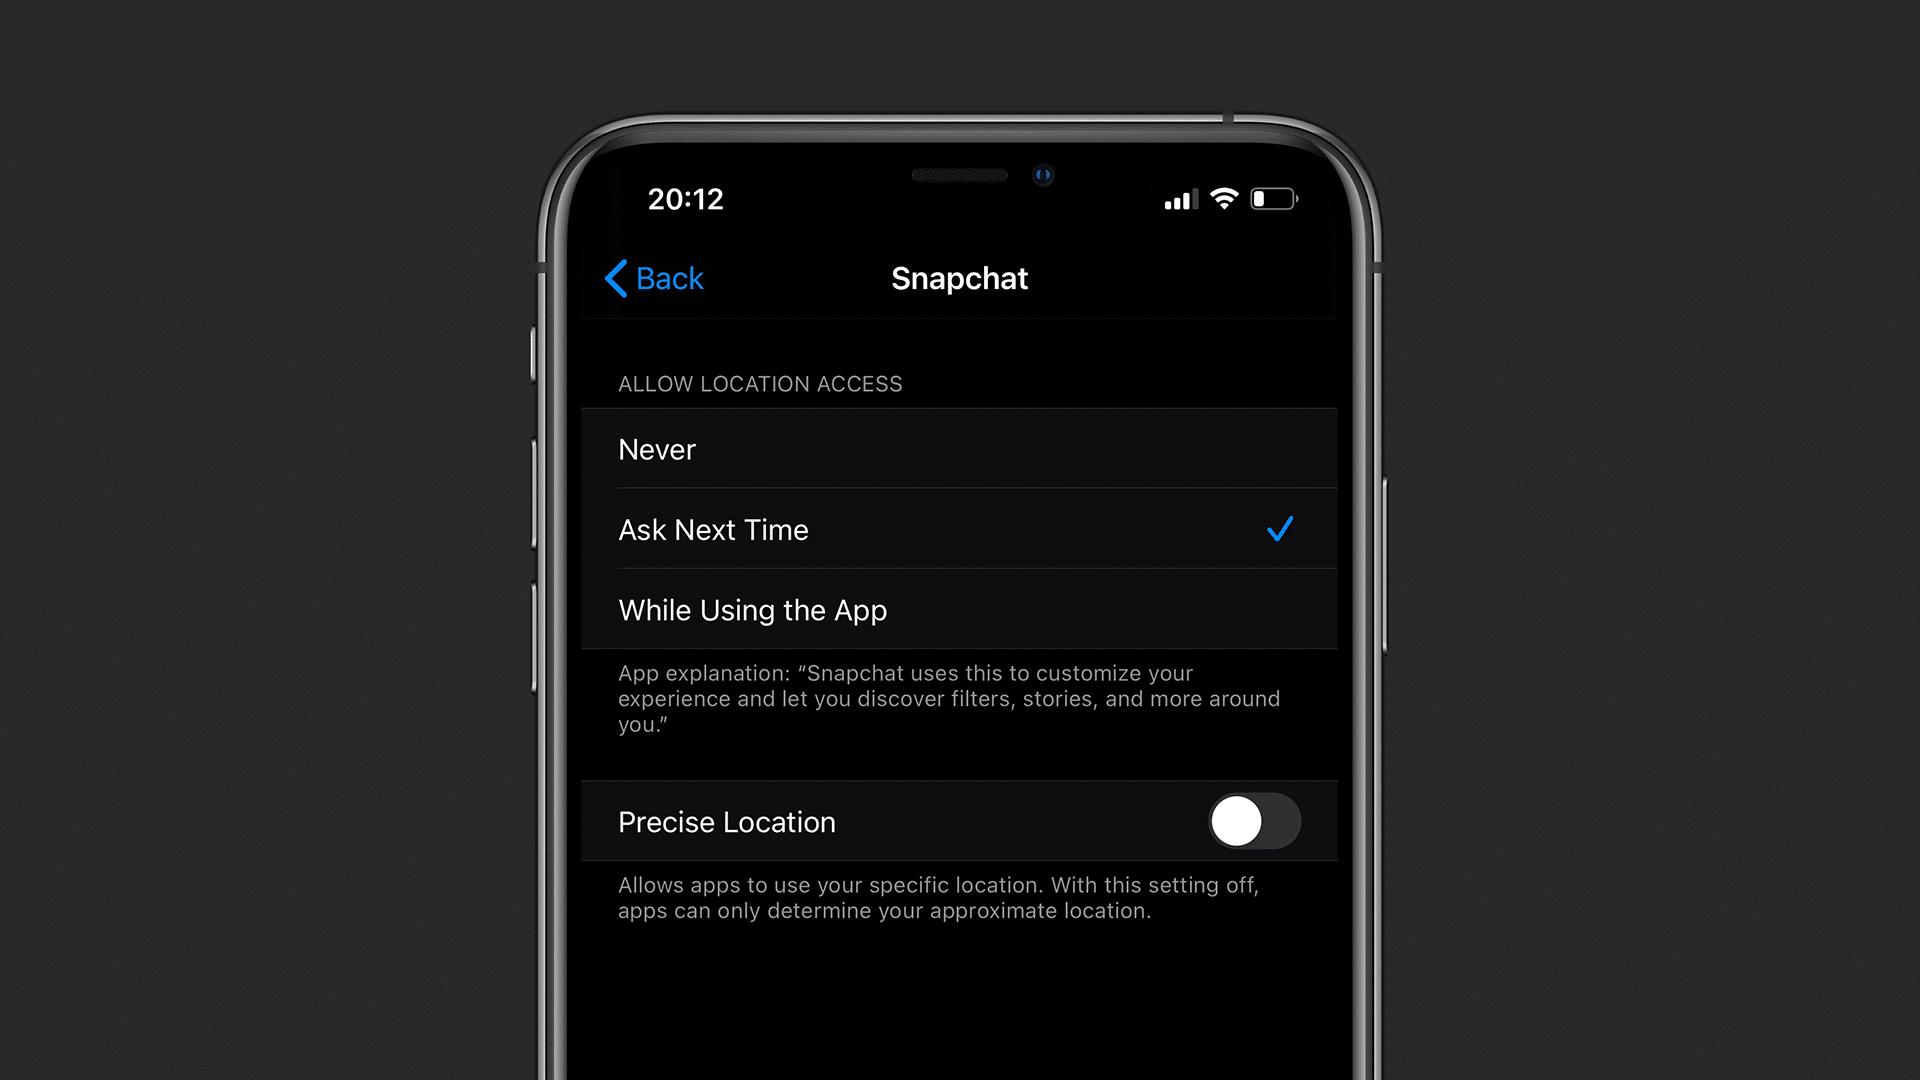 تعديل الموقع الدقيق على iOS 14